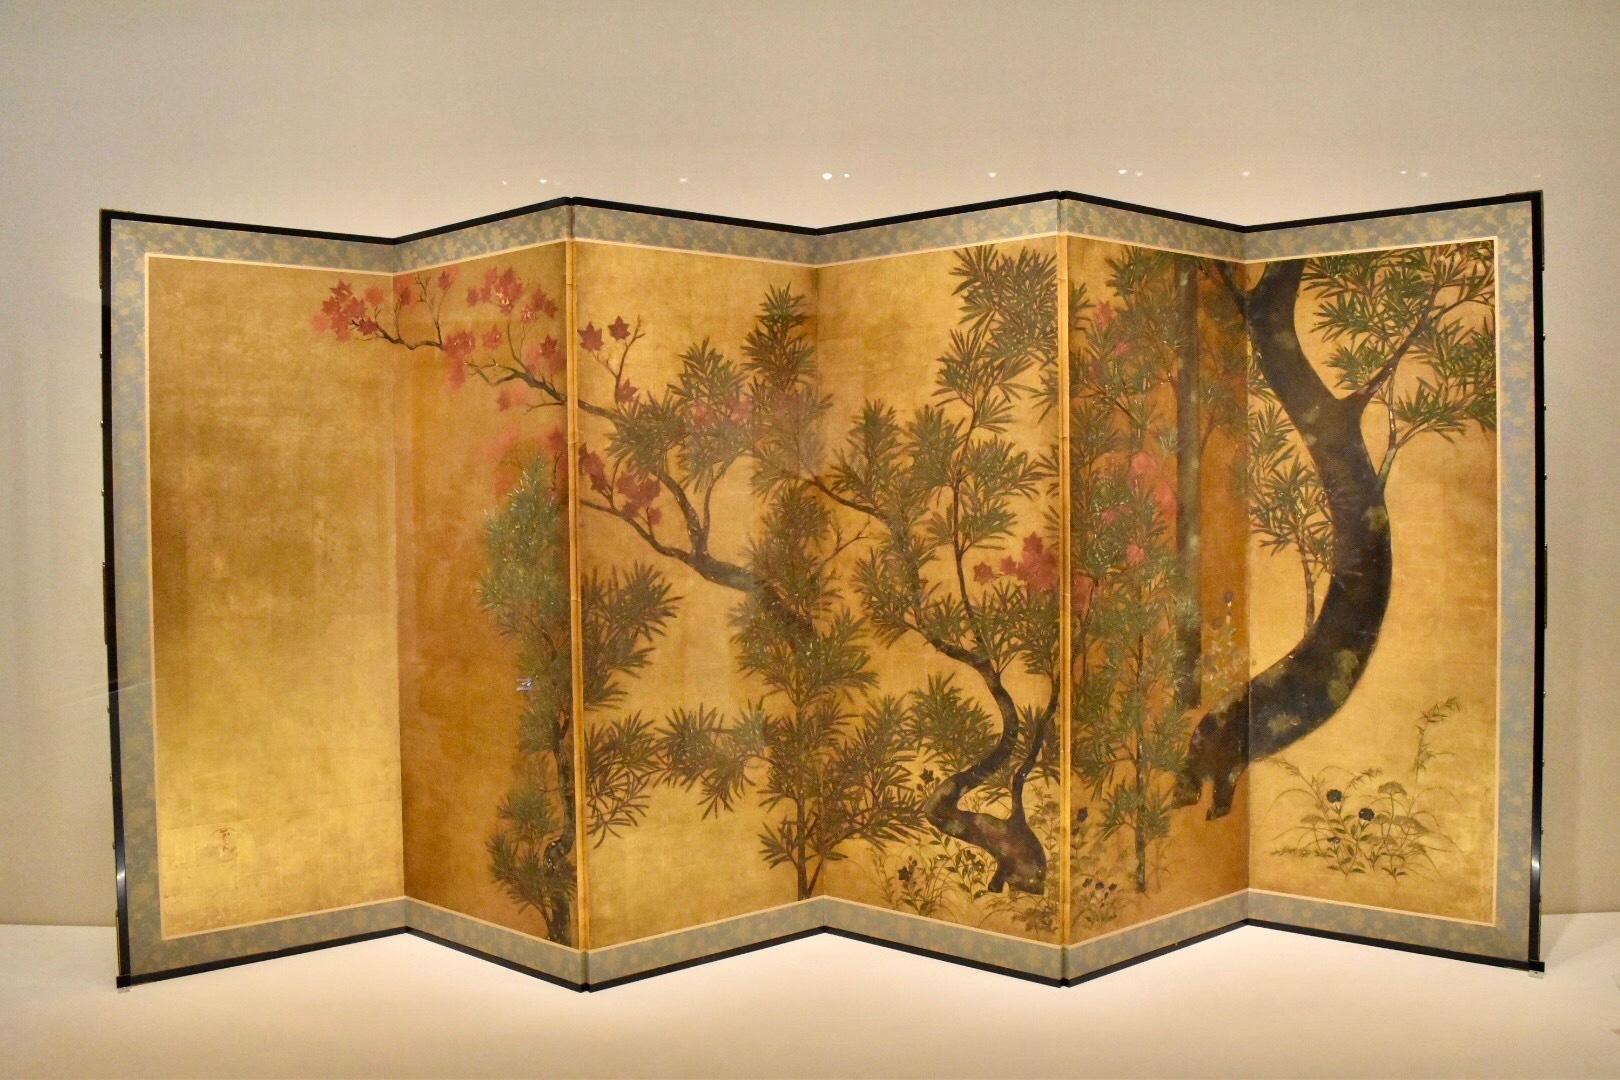 伝 俵屋宗達 《槙楓図》 17世紀(江戸時代) 山種美術館蔵